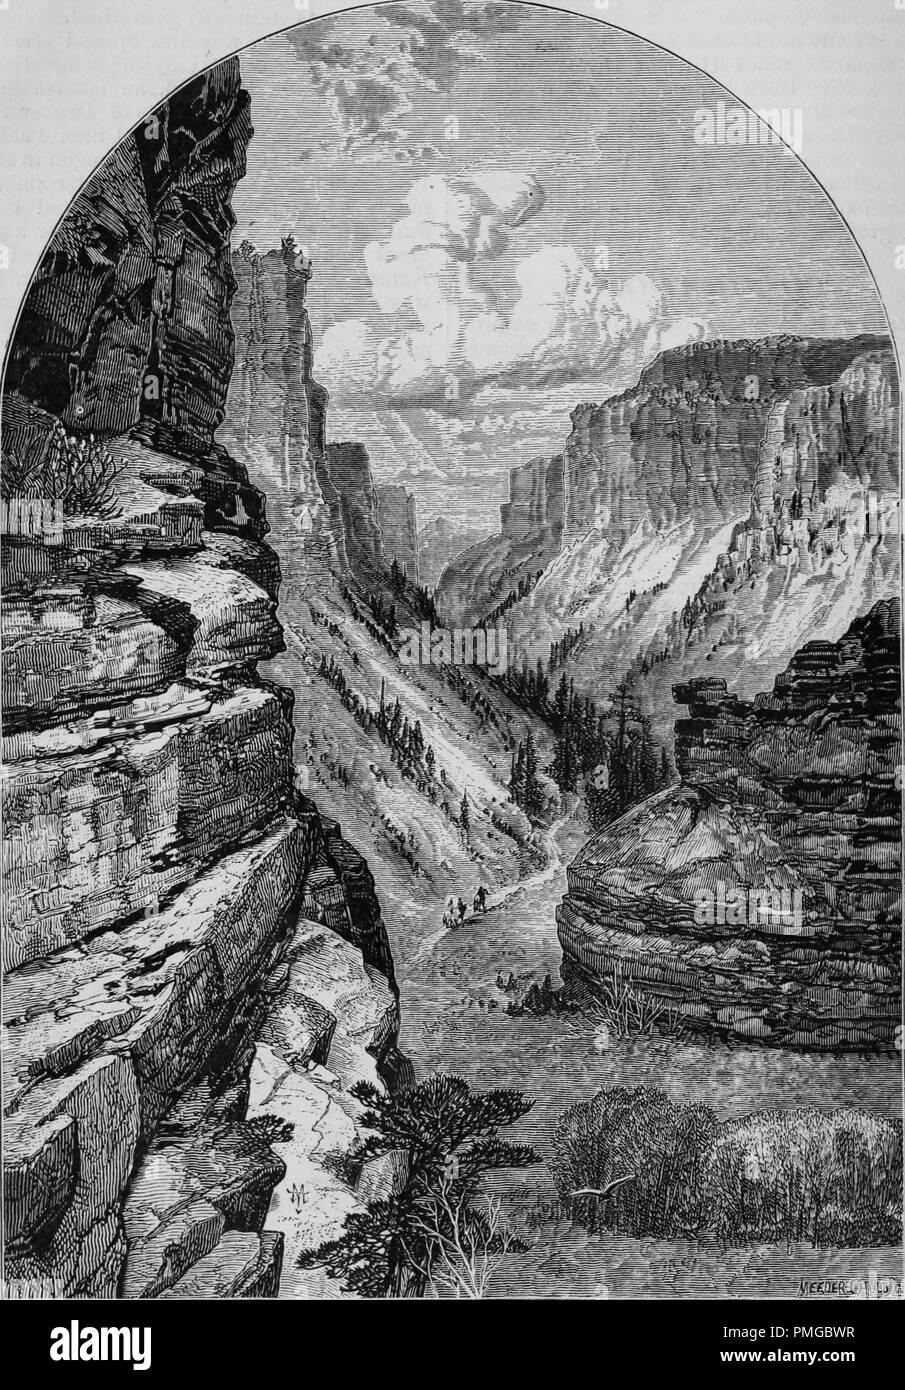 """Incisione del William's Canyon, Colorado Springs, dal libro """"Pacifico turisti"""", 1877. La cortesia Internet Archive. () Immagini Stock"""